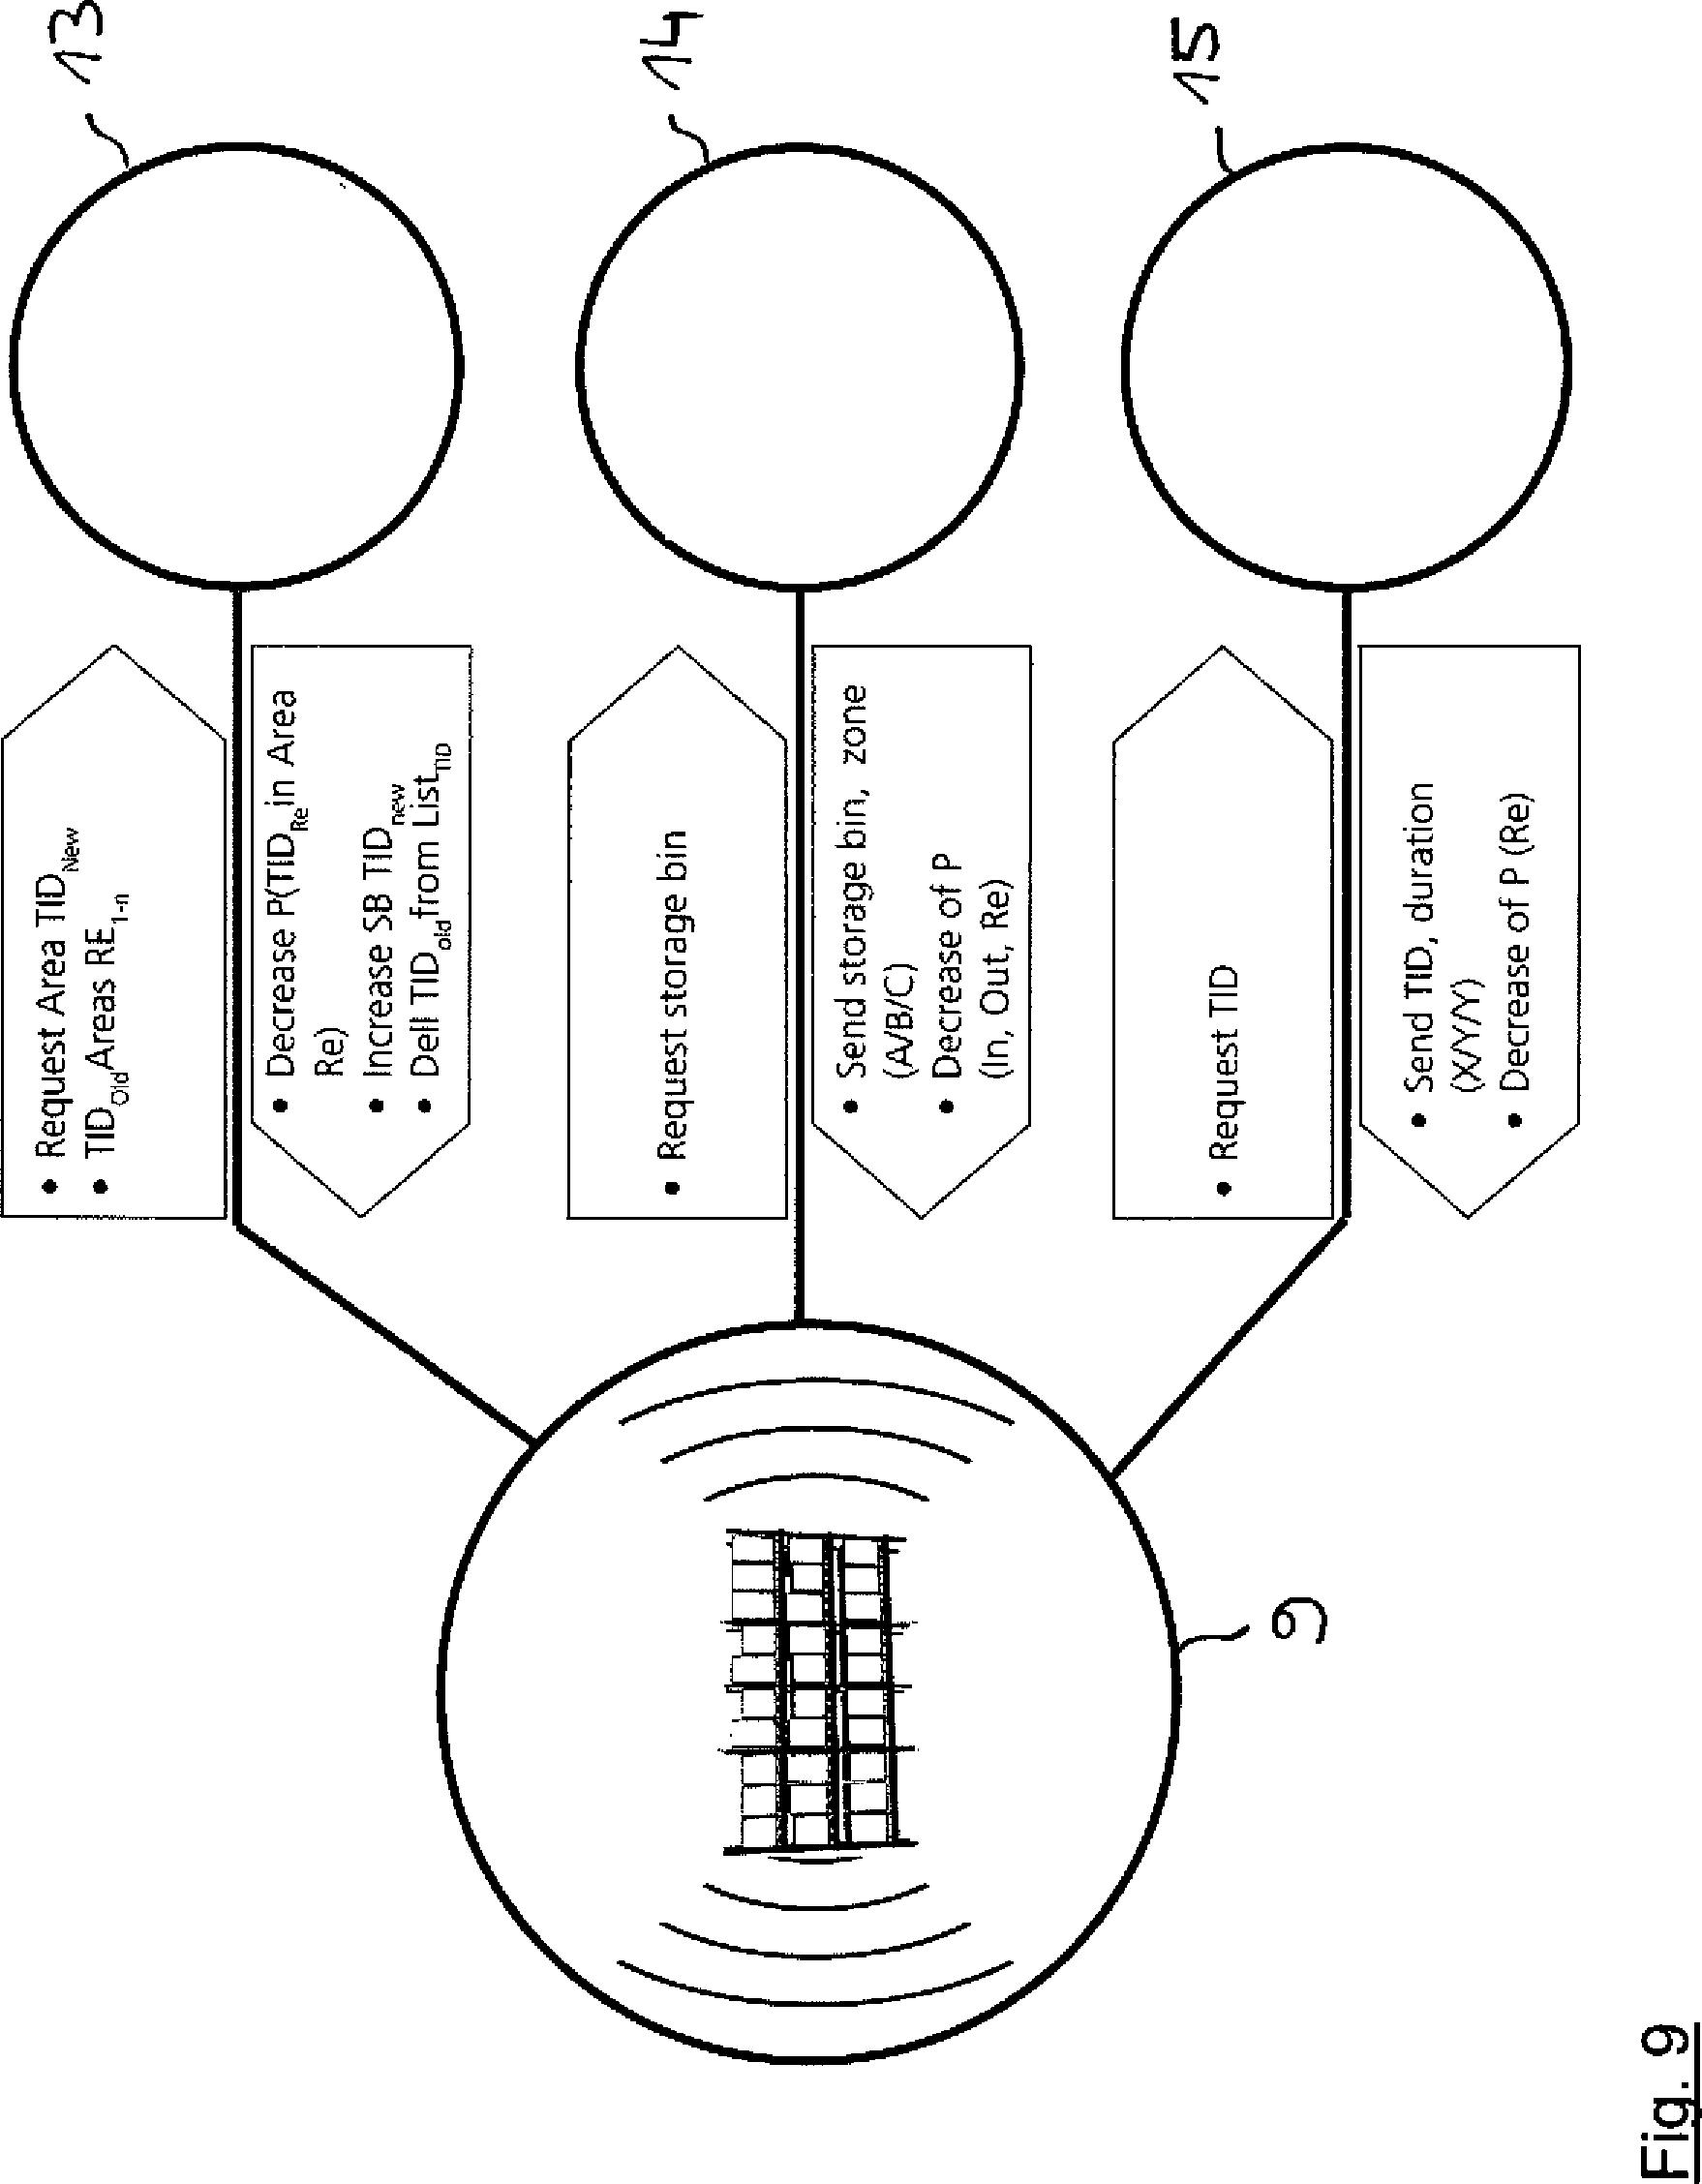 c172 adf antenna images